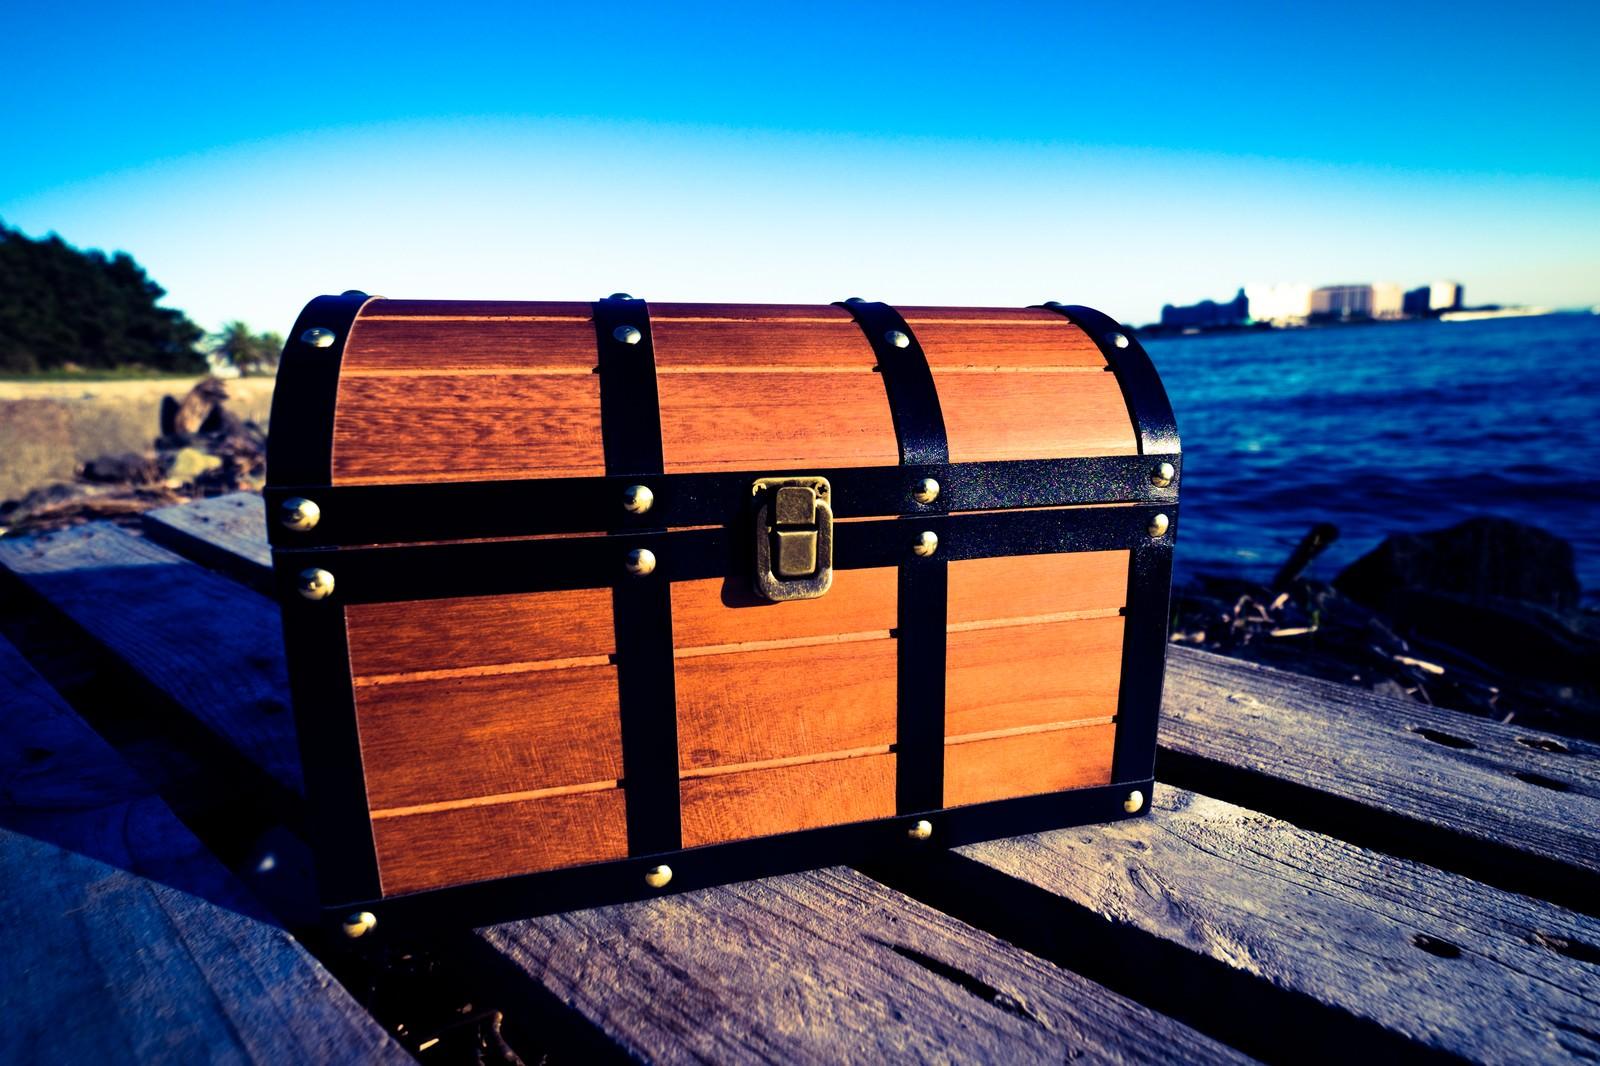 「廃船にあった宝箱」の写真